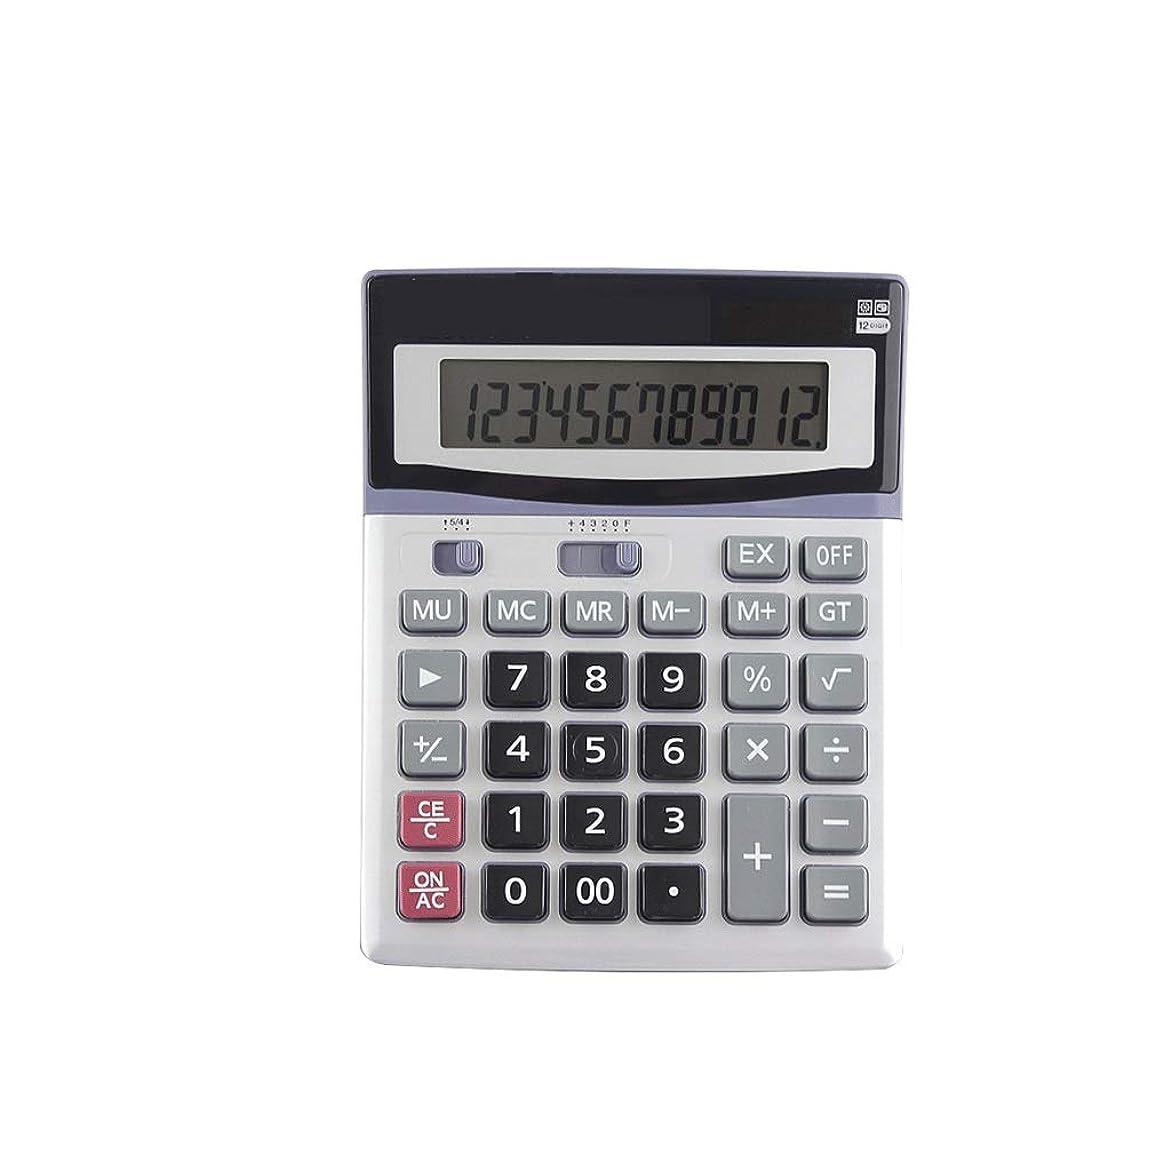 船酔いすごい六月RJ HOME 金融会計計算機 12桁表示 電卓 オフィス用品